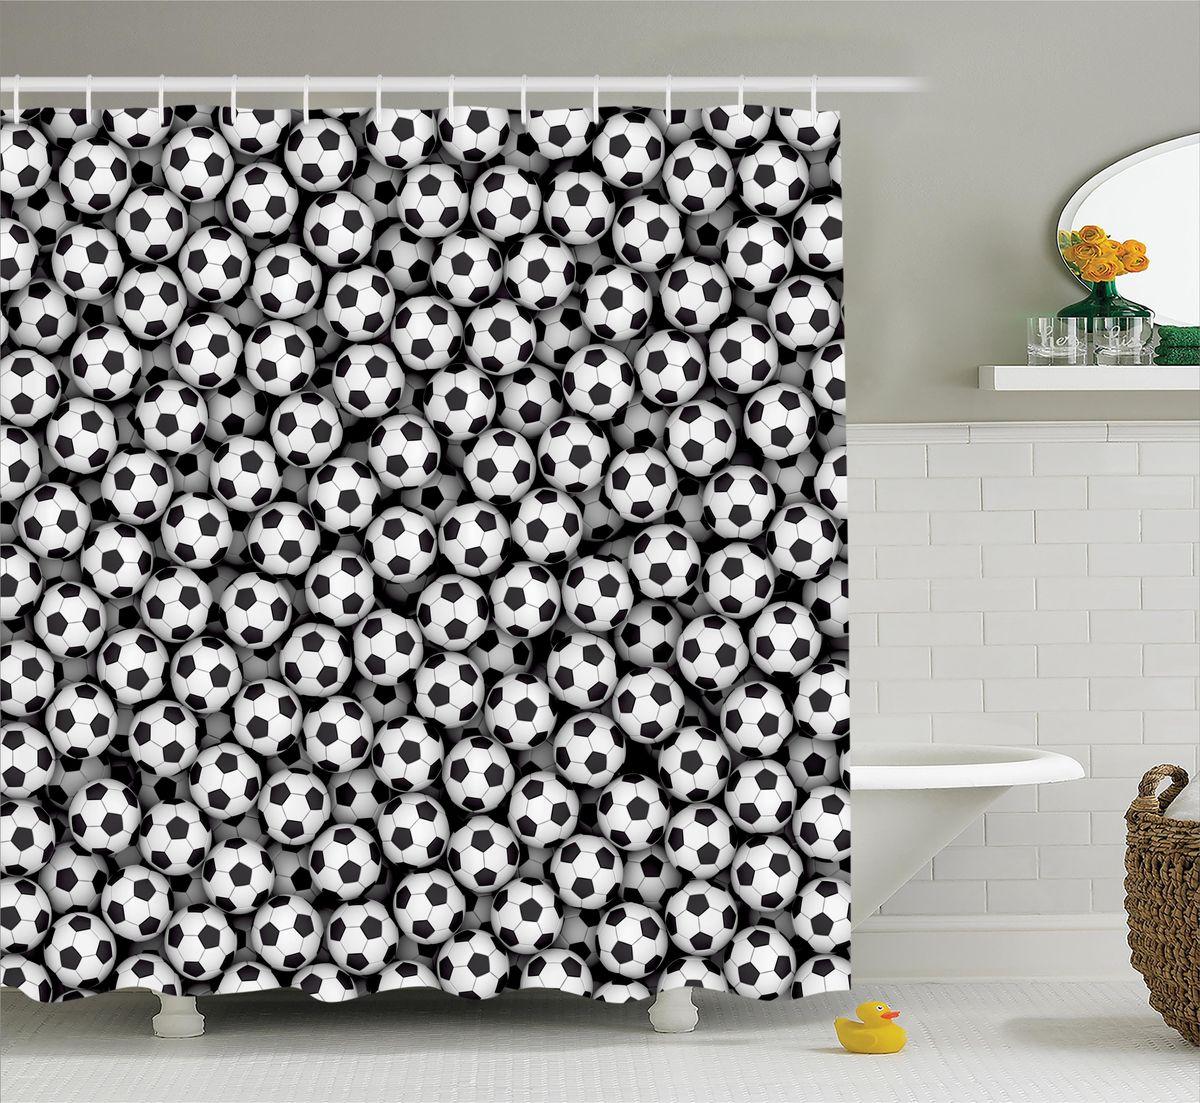 Штора для ванной комнаты Magic Lady Футбольные мячи, 180 х 200 см45309Штора Magic Lady Футбольные мячи, изготовленная из высококачественного сатена (полиэстер 100%), отлично дополнит любой интерьер ванной комнаты. При изготовлении используются специальные гипоаллергенные чернила для прямой печати по ткани, безопасные для человека.В комплекте: 1 штора, 12 крючков. Обращаем ваше внимание, фактический цвет изделия может незначительно отличаться от представленного на фото.